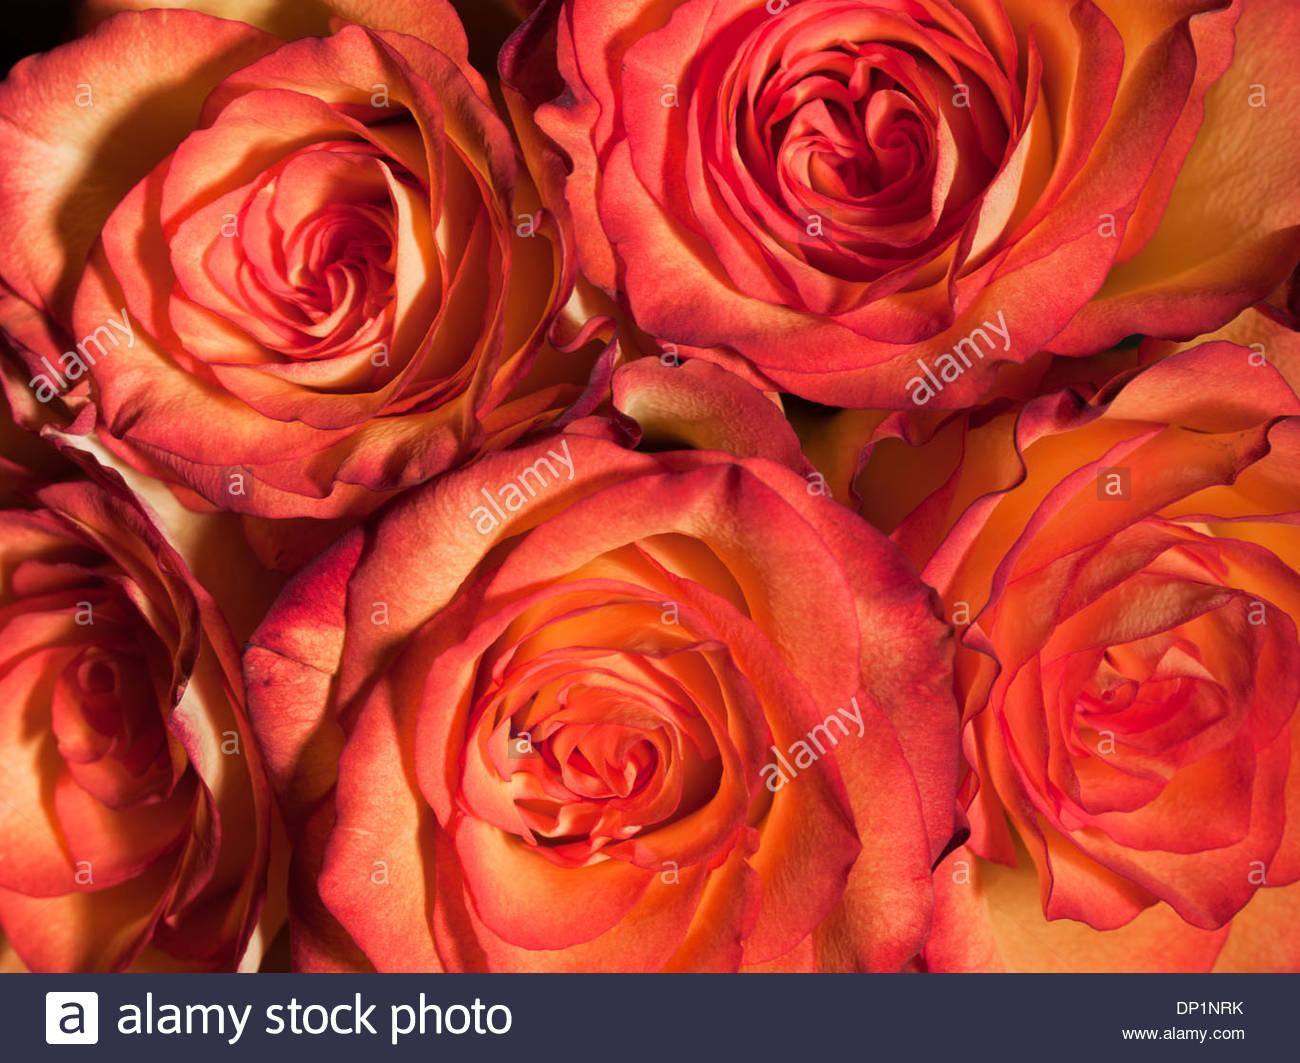 Nahaufnahme von Rosen Stockbild